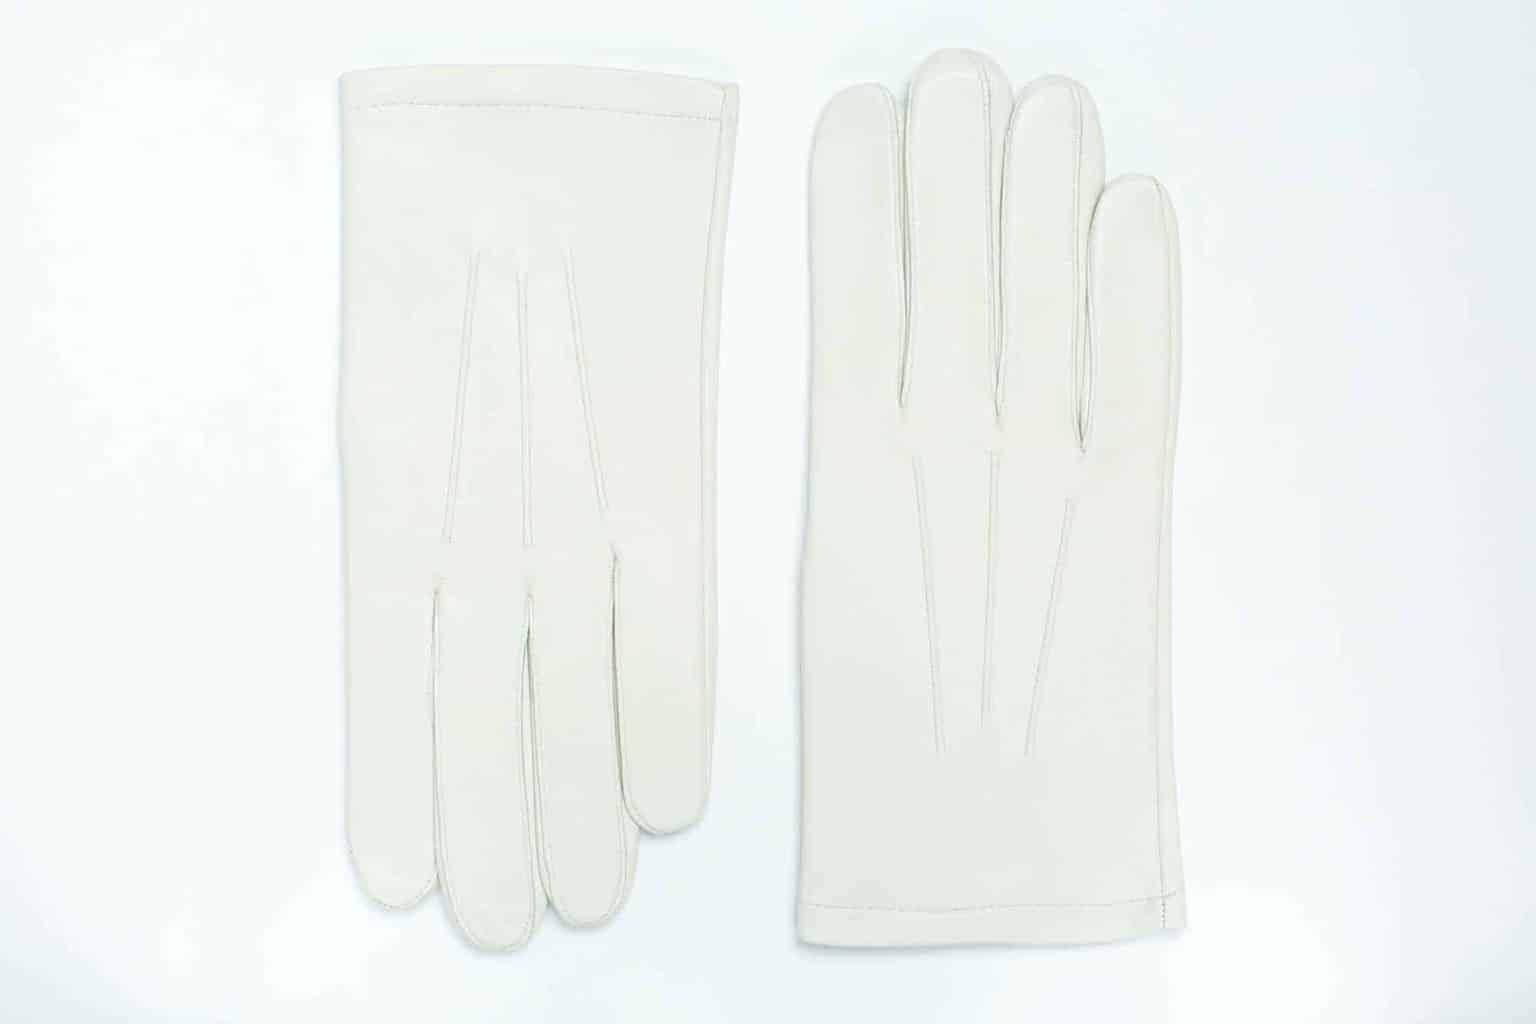 Losjehansker til herre i lammeskinn uten fôr, tre flate denter, hvit, oversiden av hanskene, artikkel 1-406